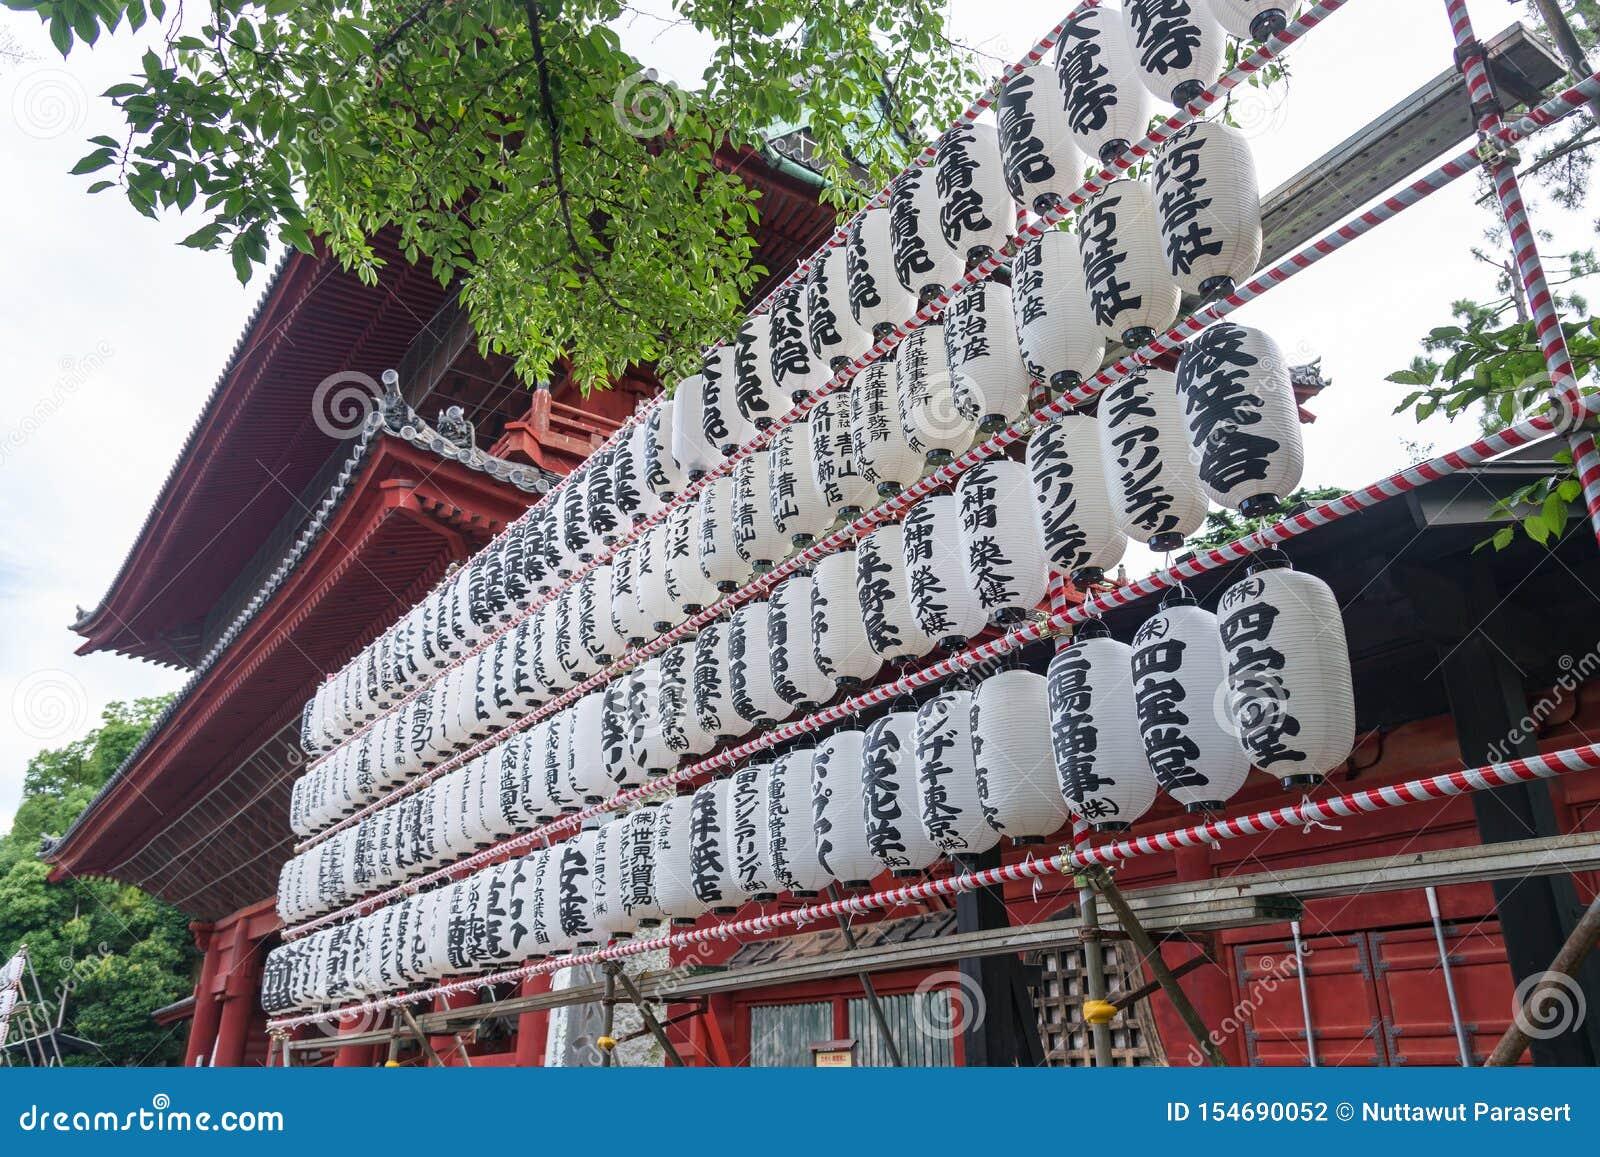 TOKYO, JAPAN - 23. Juli 2015: Japanische Papierlaternen-Beleuchtungslampe im Tempel, Tokyo, Japan